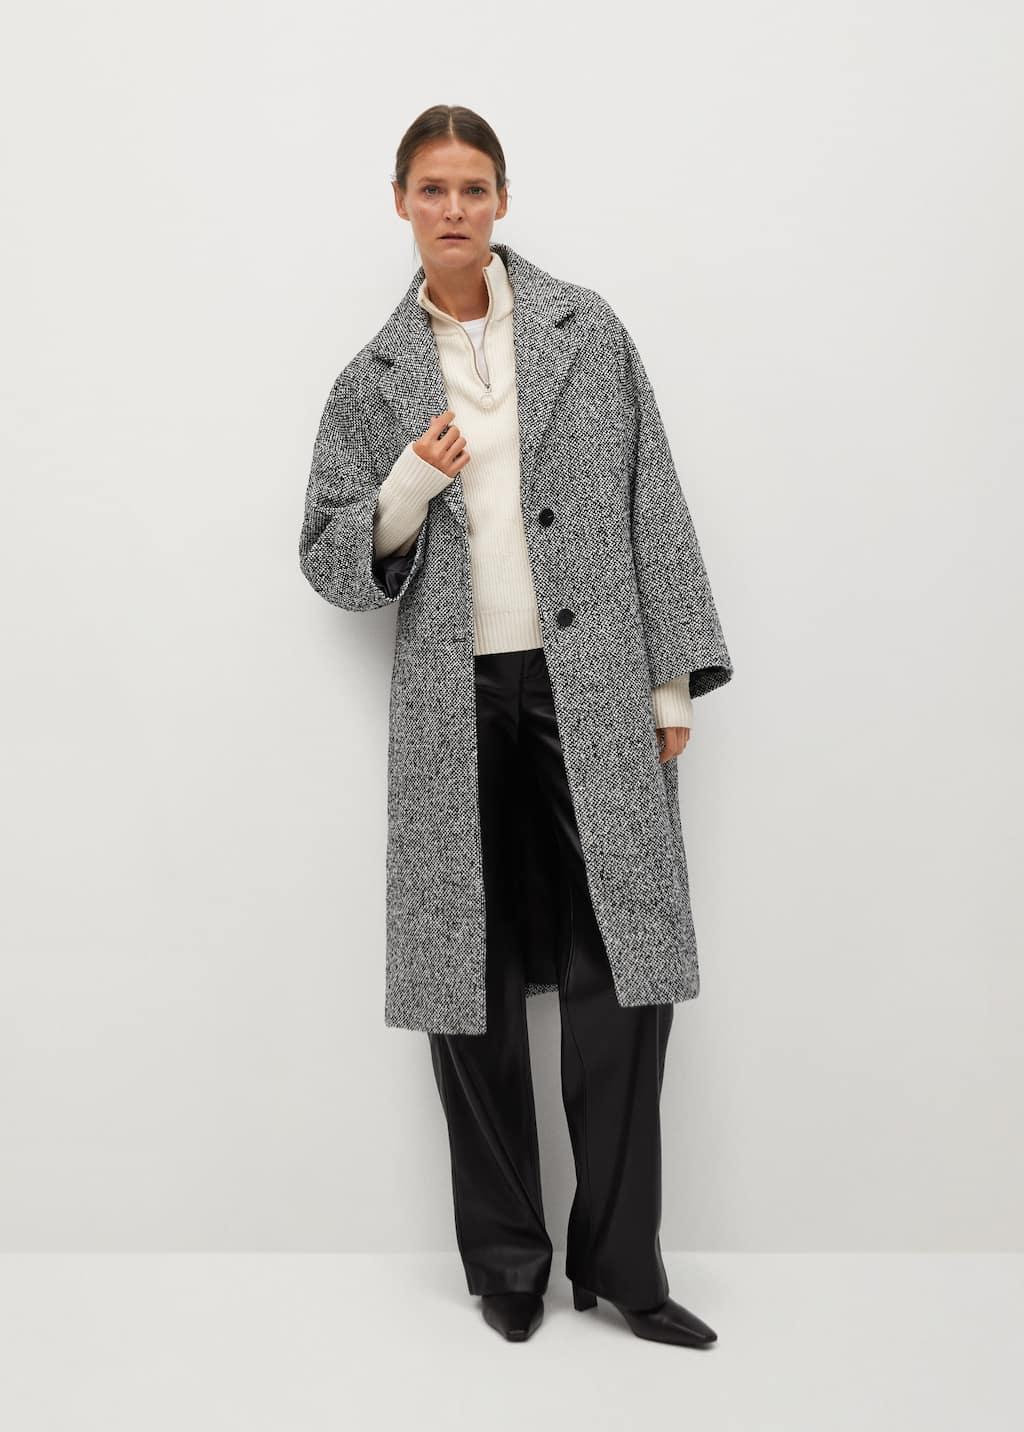 Manteau laine oversize - Plan général